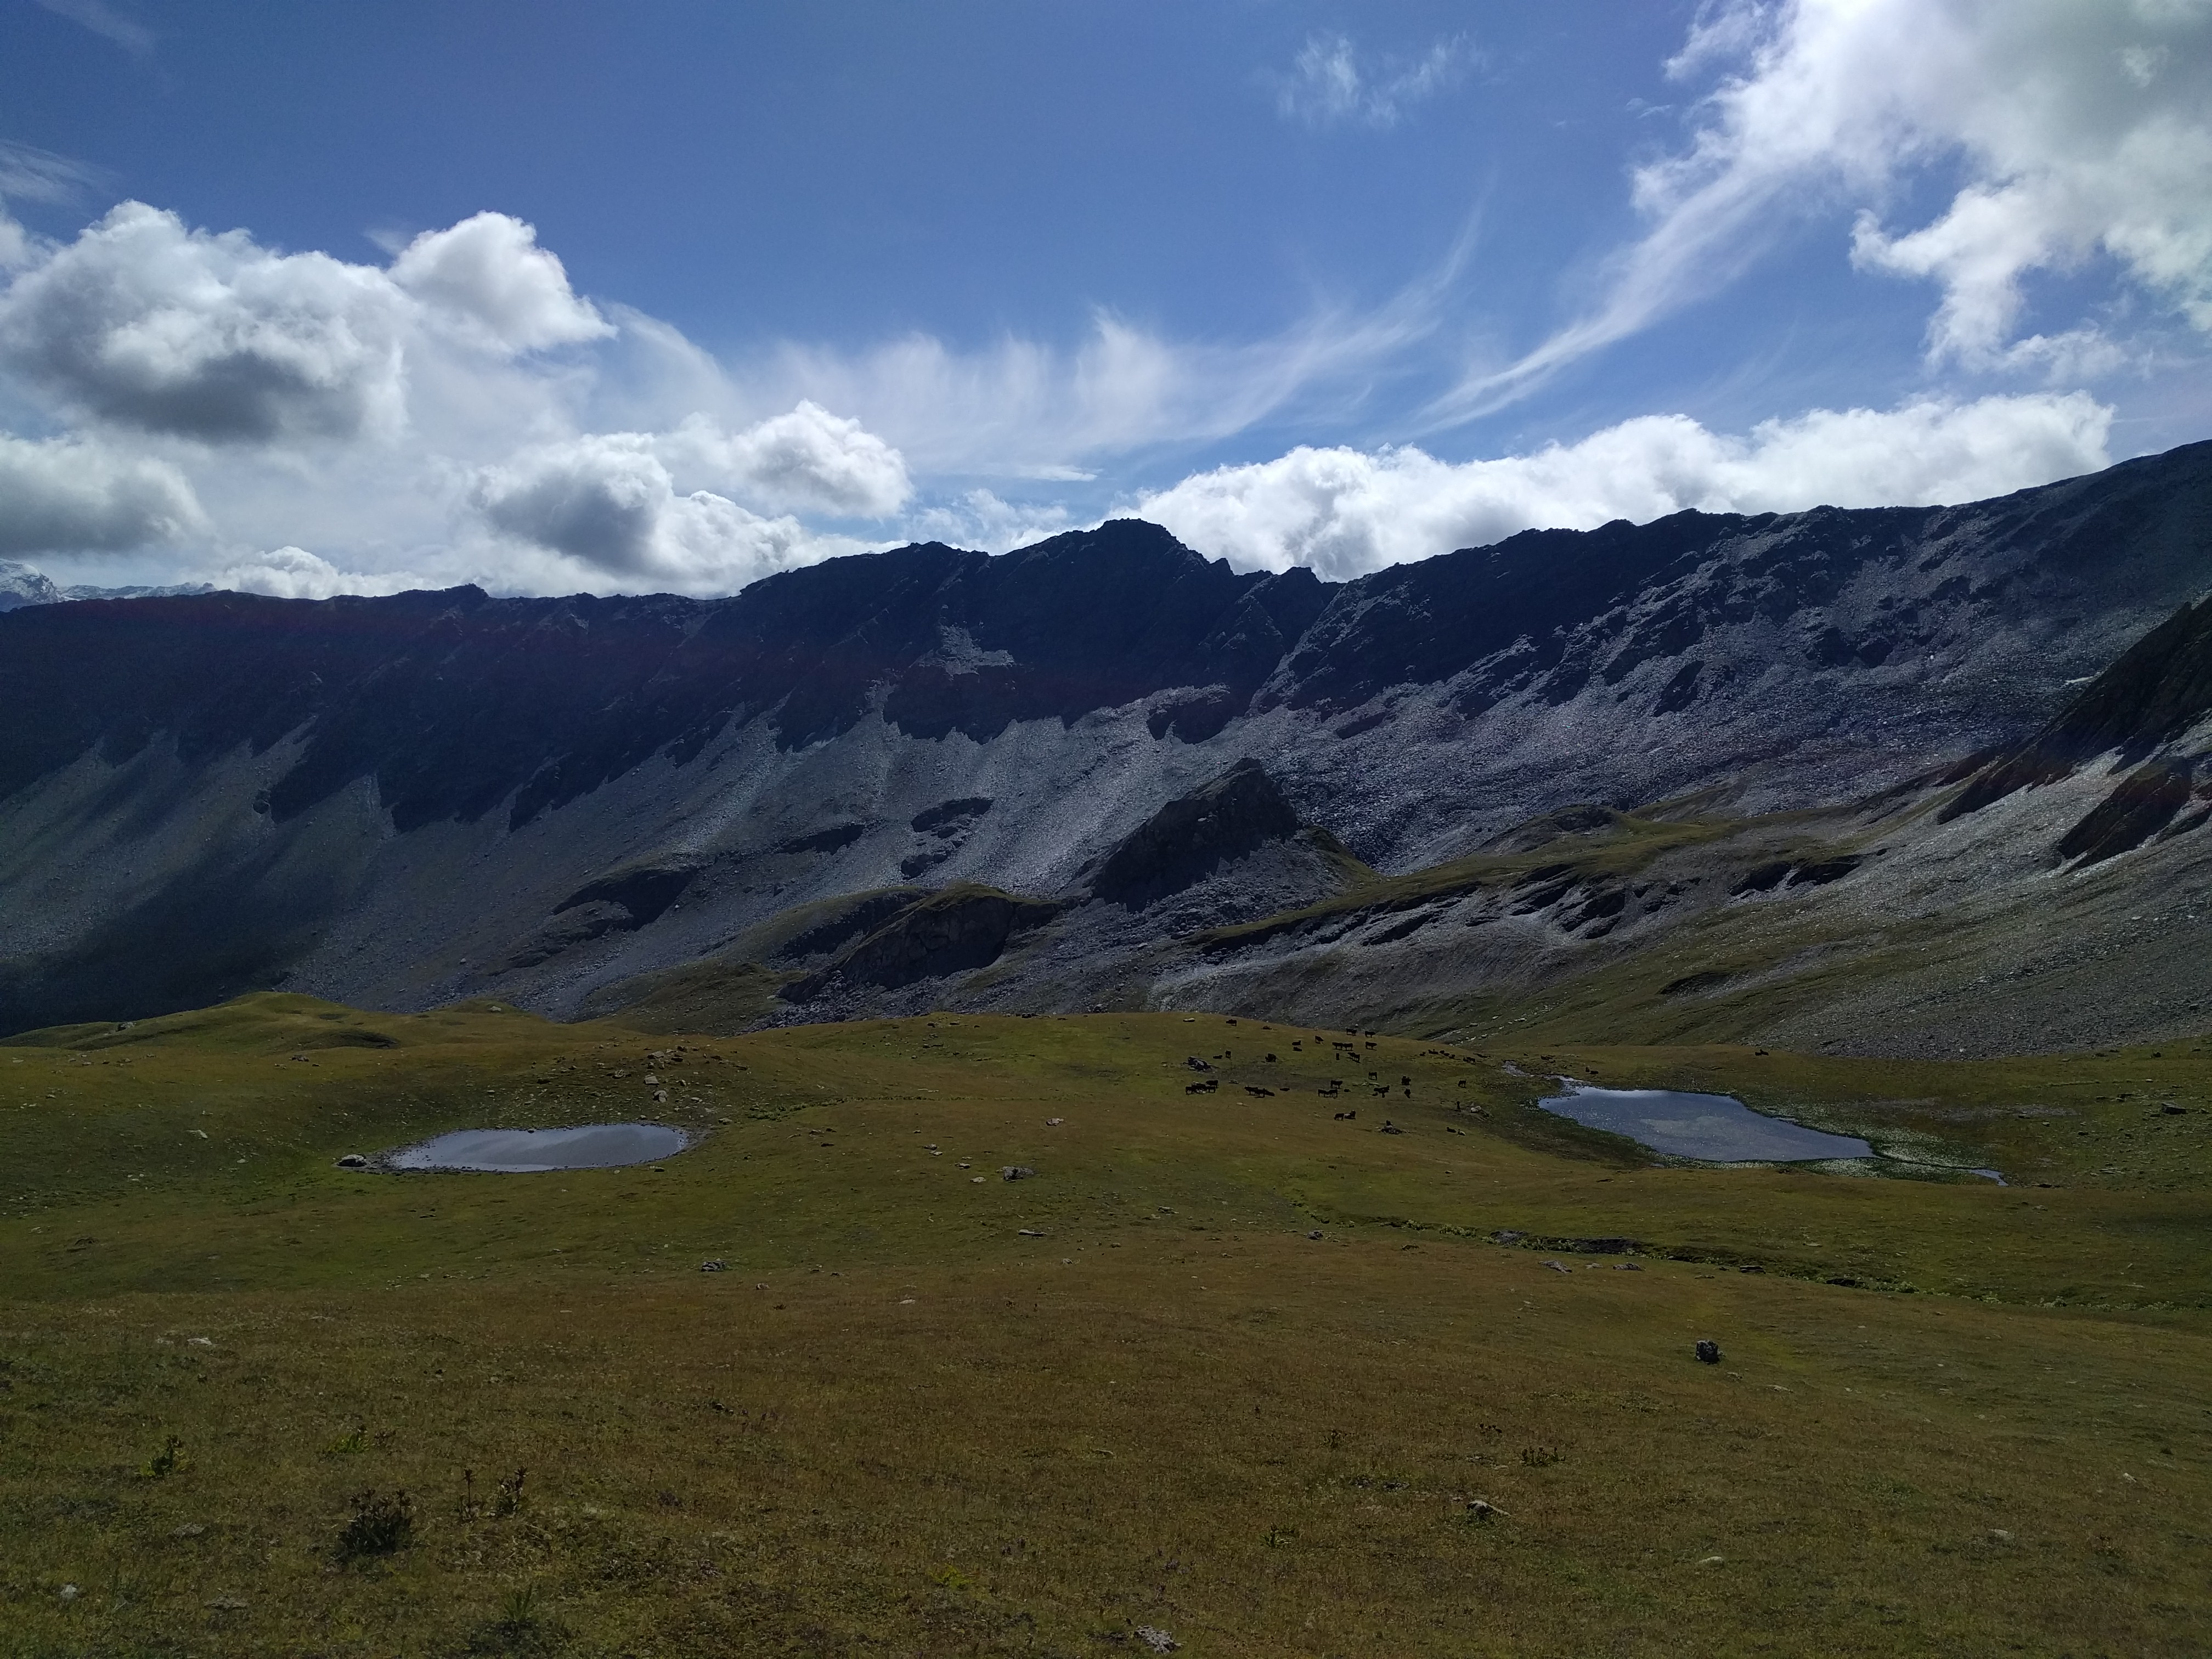 Fond de vallé, pâturage, vaches, gouilles et cirques de montagnes très caillouteuses